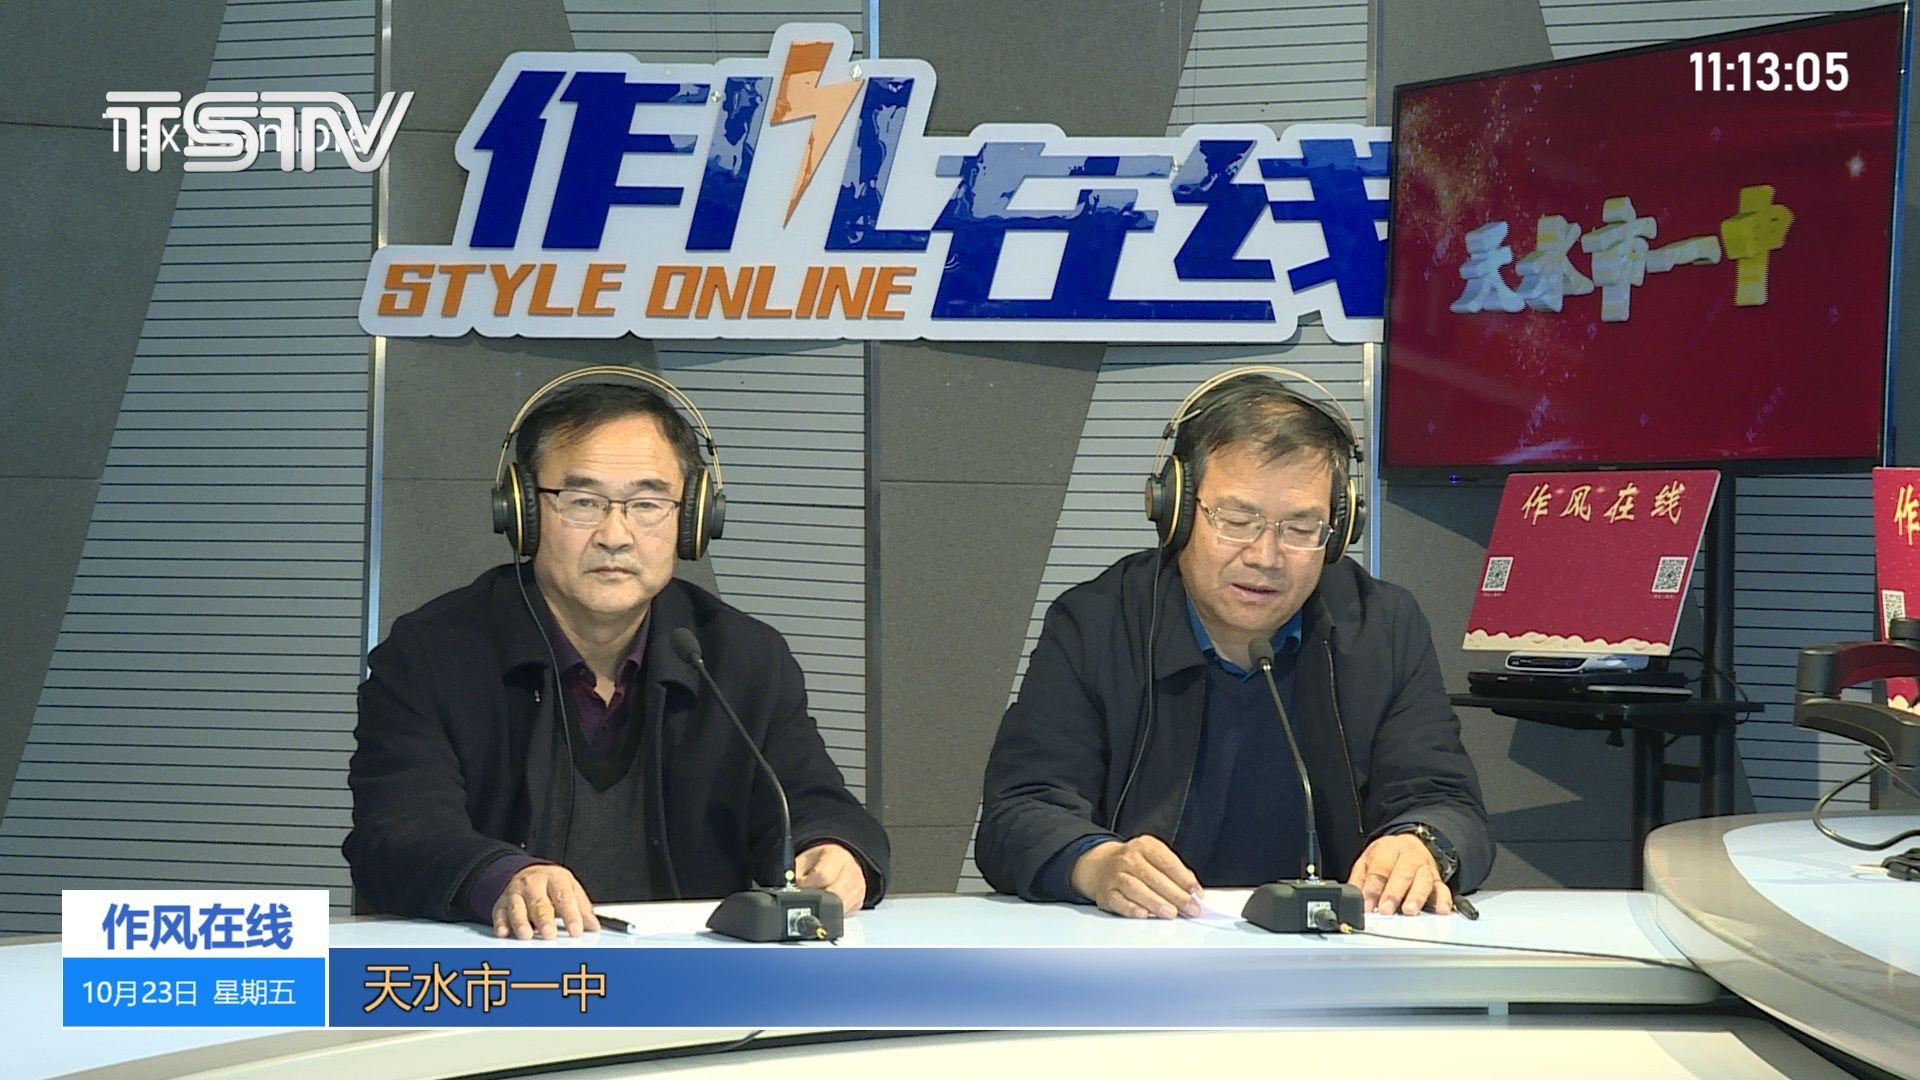 10月23日 fun88乐天堂官网体育市一中上线